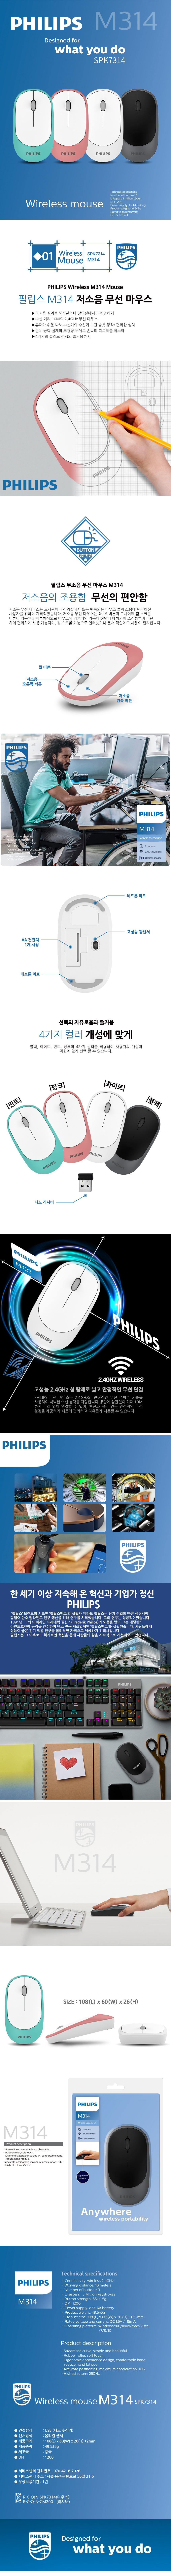 필립스 M314 저소음 무선 마우스 (민트)